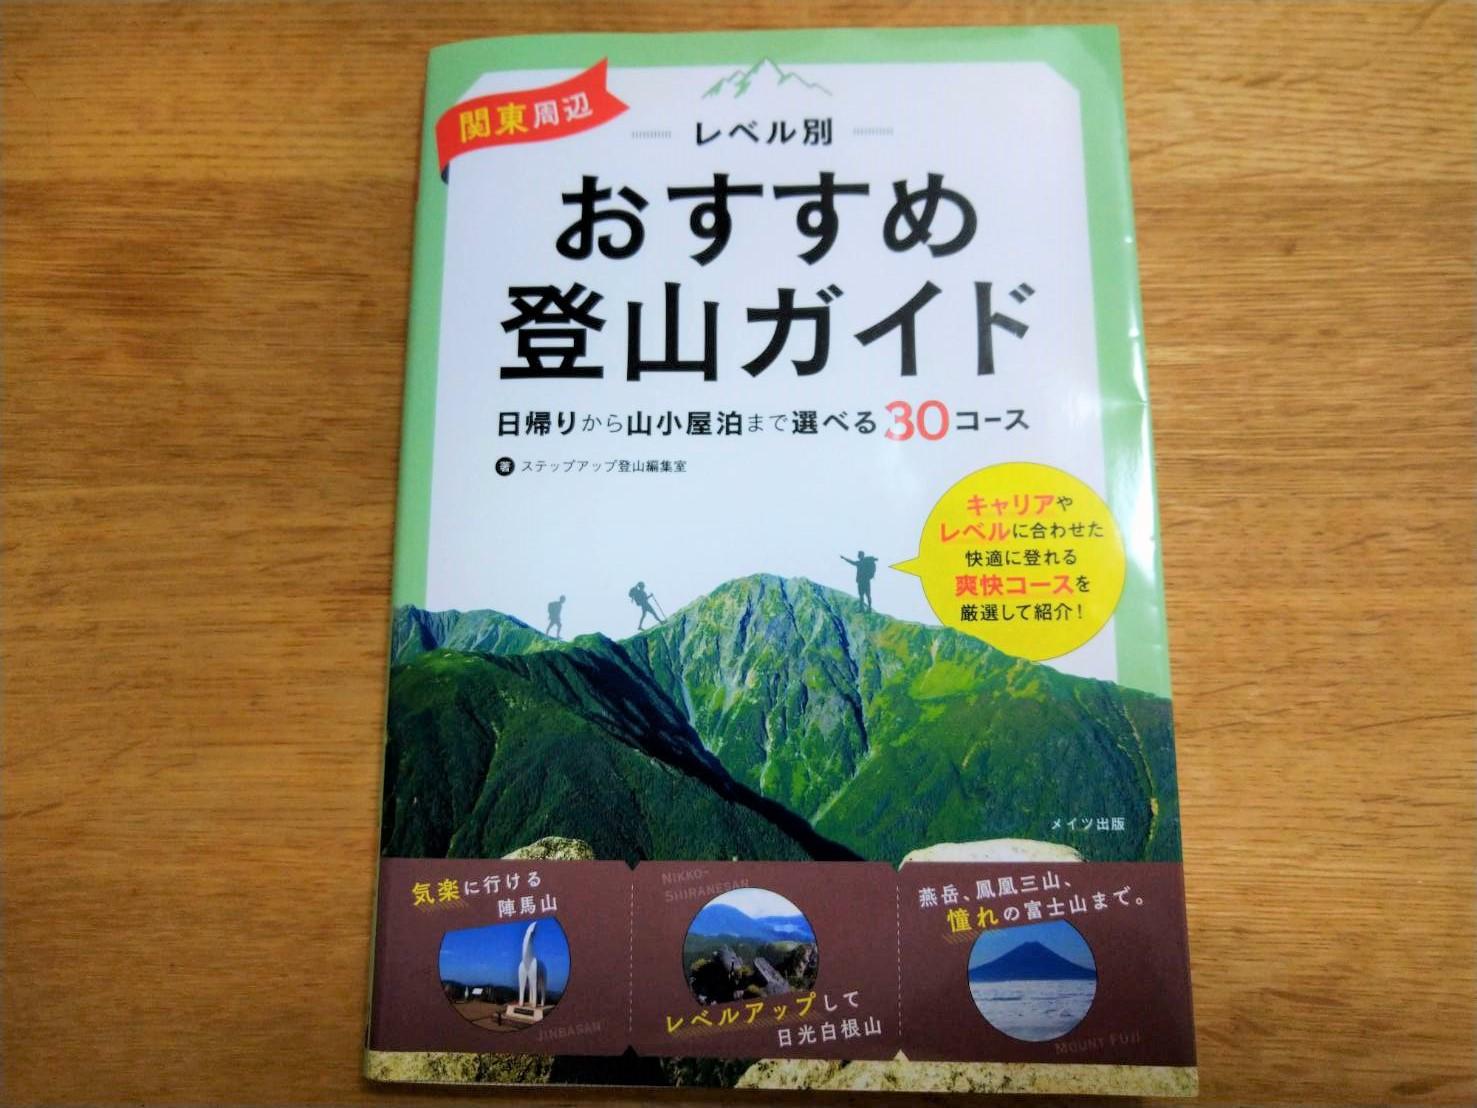 レベル別おすすめ登山ガイド